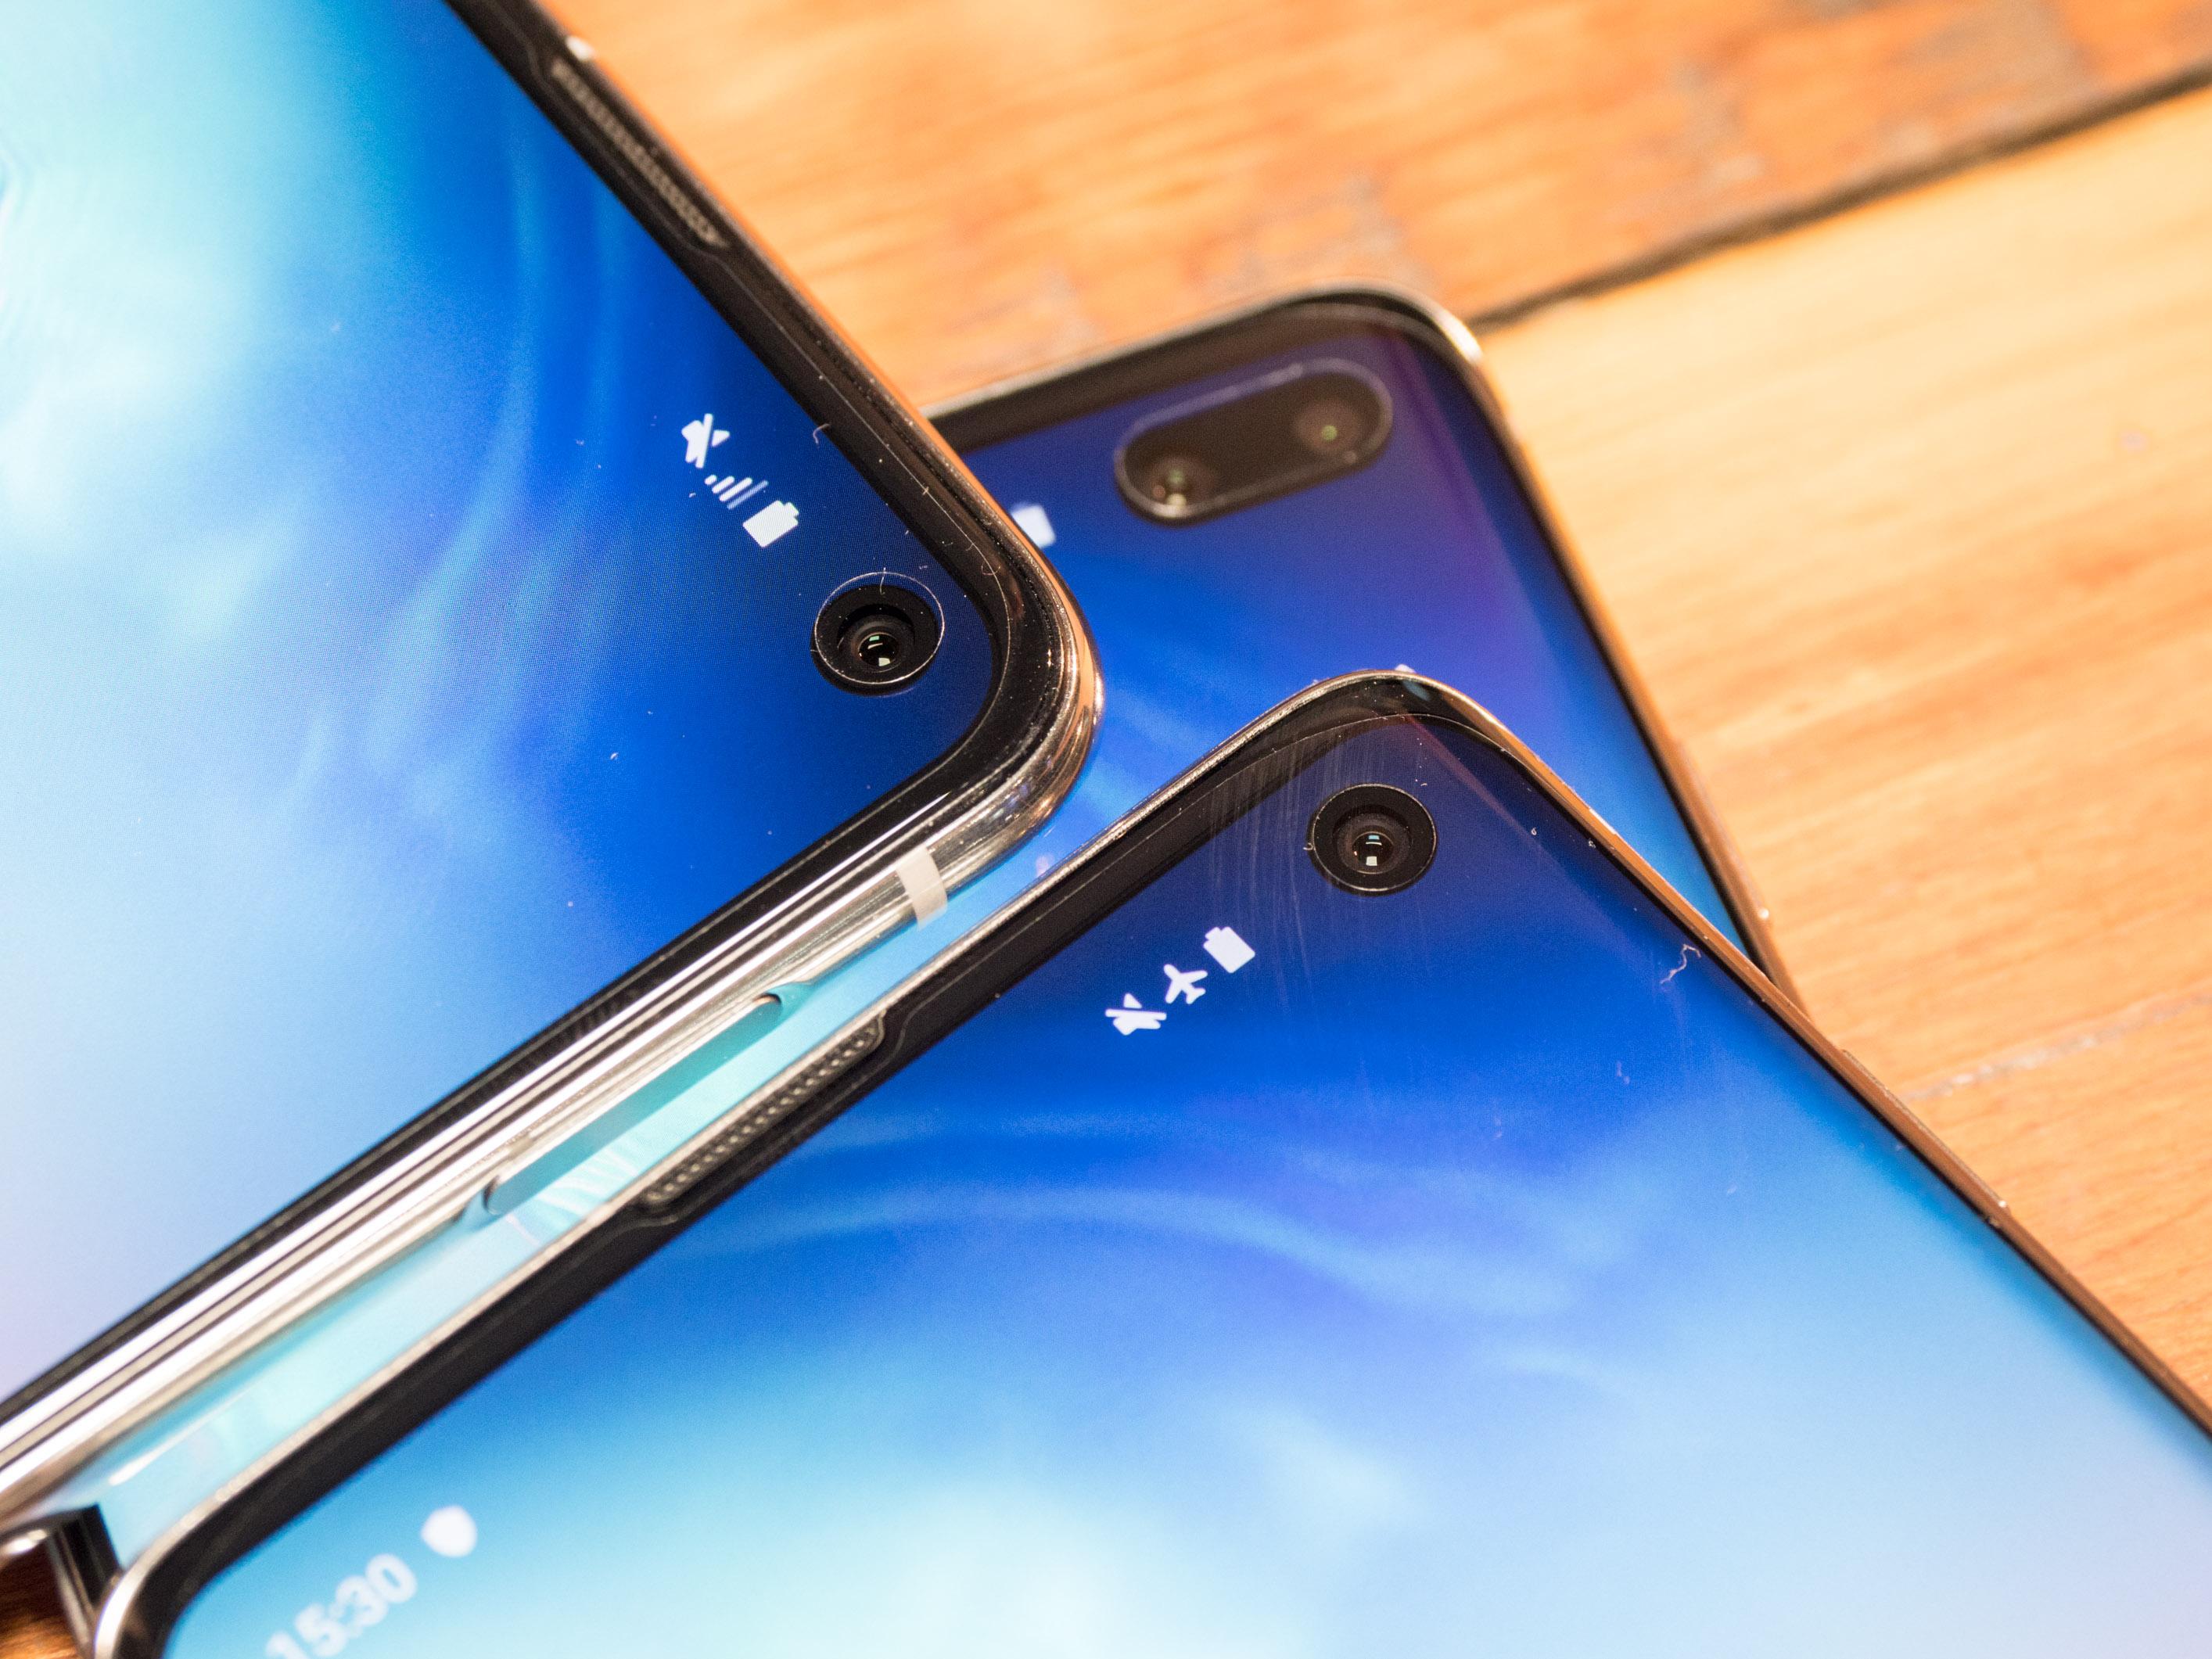 Galaxy S10 im Hands on: Samsung bringt vier neue Galaxy-S10-Modelle - Alle drei Frontkameras im Vergleich (Bild: Martin Wolf/Golem.de)